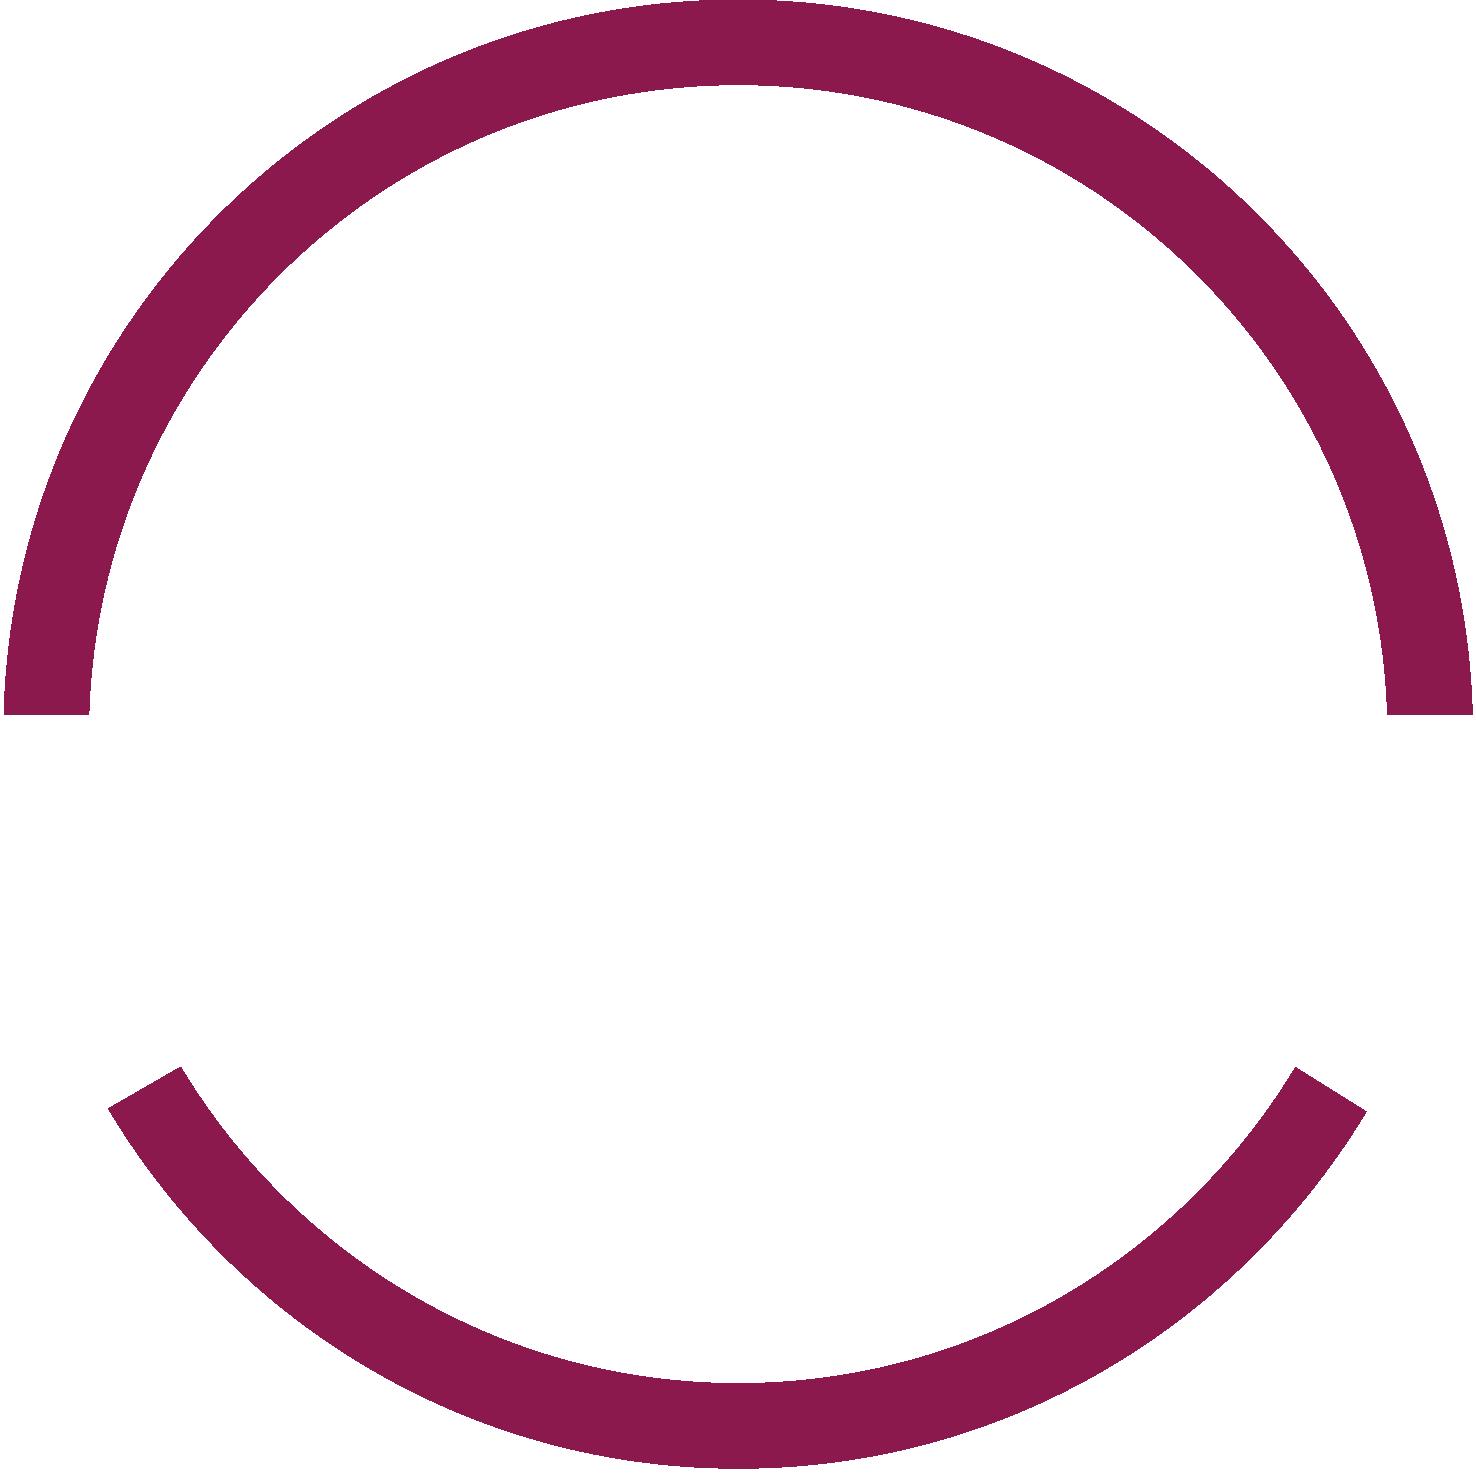 Scenthound Graphic Design